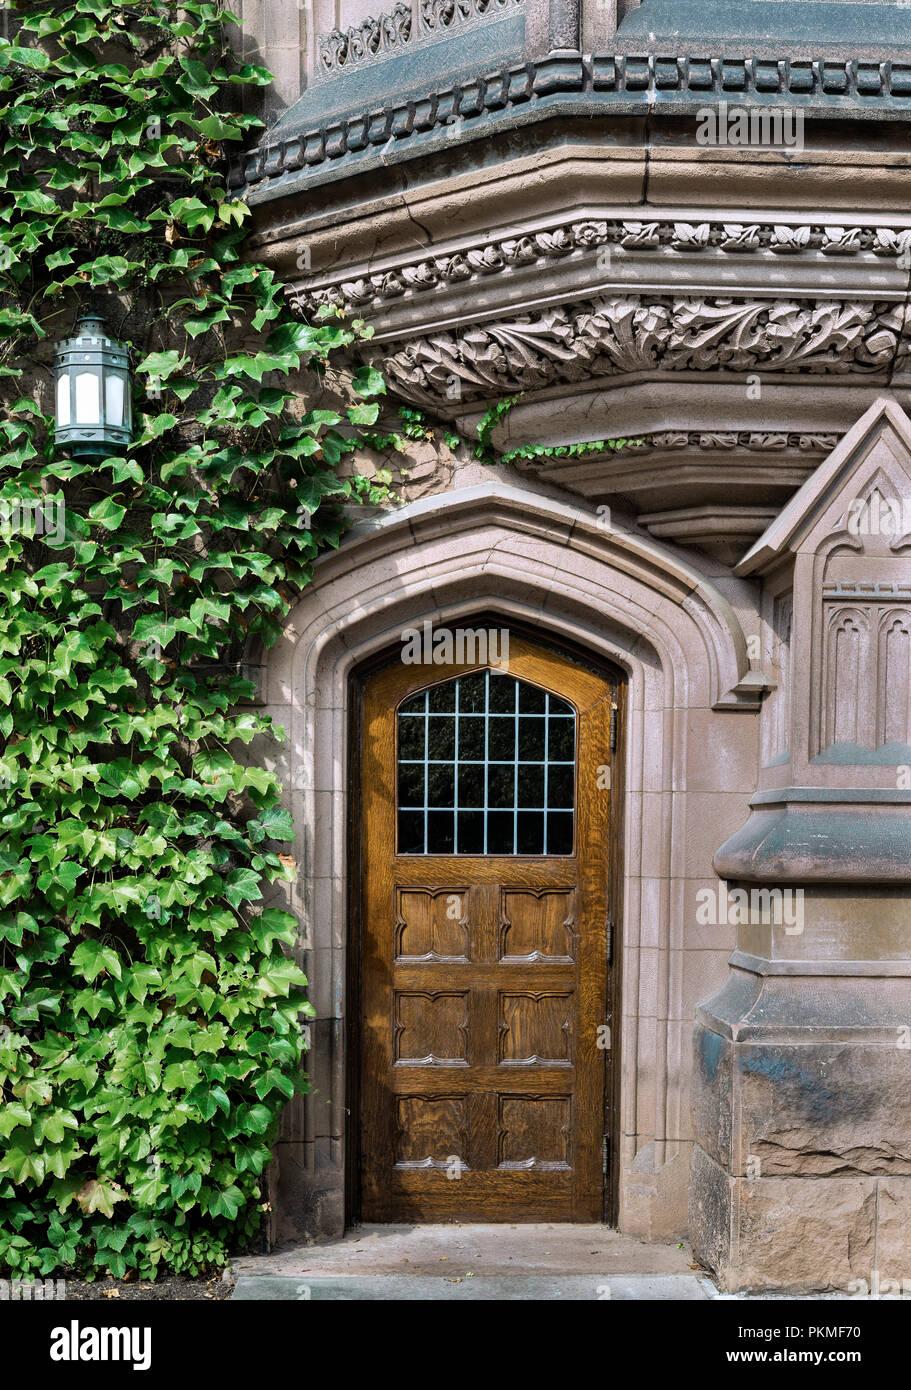 Arquitectura de la Ivy League, de la Universidad de Princeton, Nueva Jersey, EE.UU.. Imagen De Stock